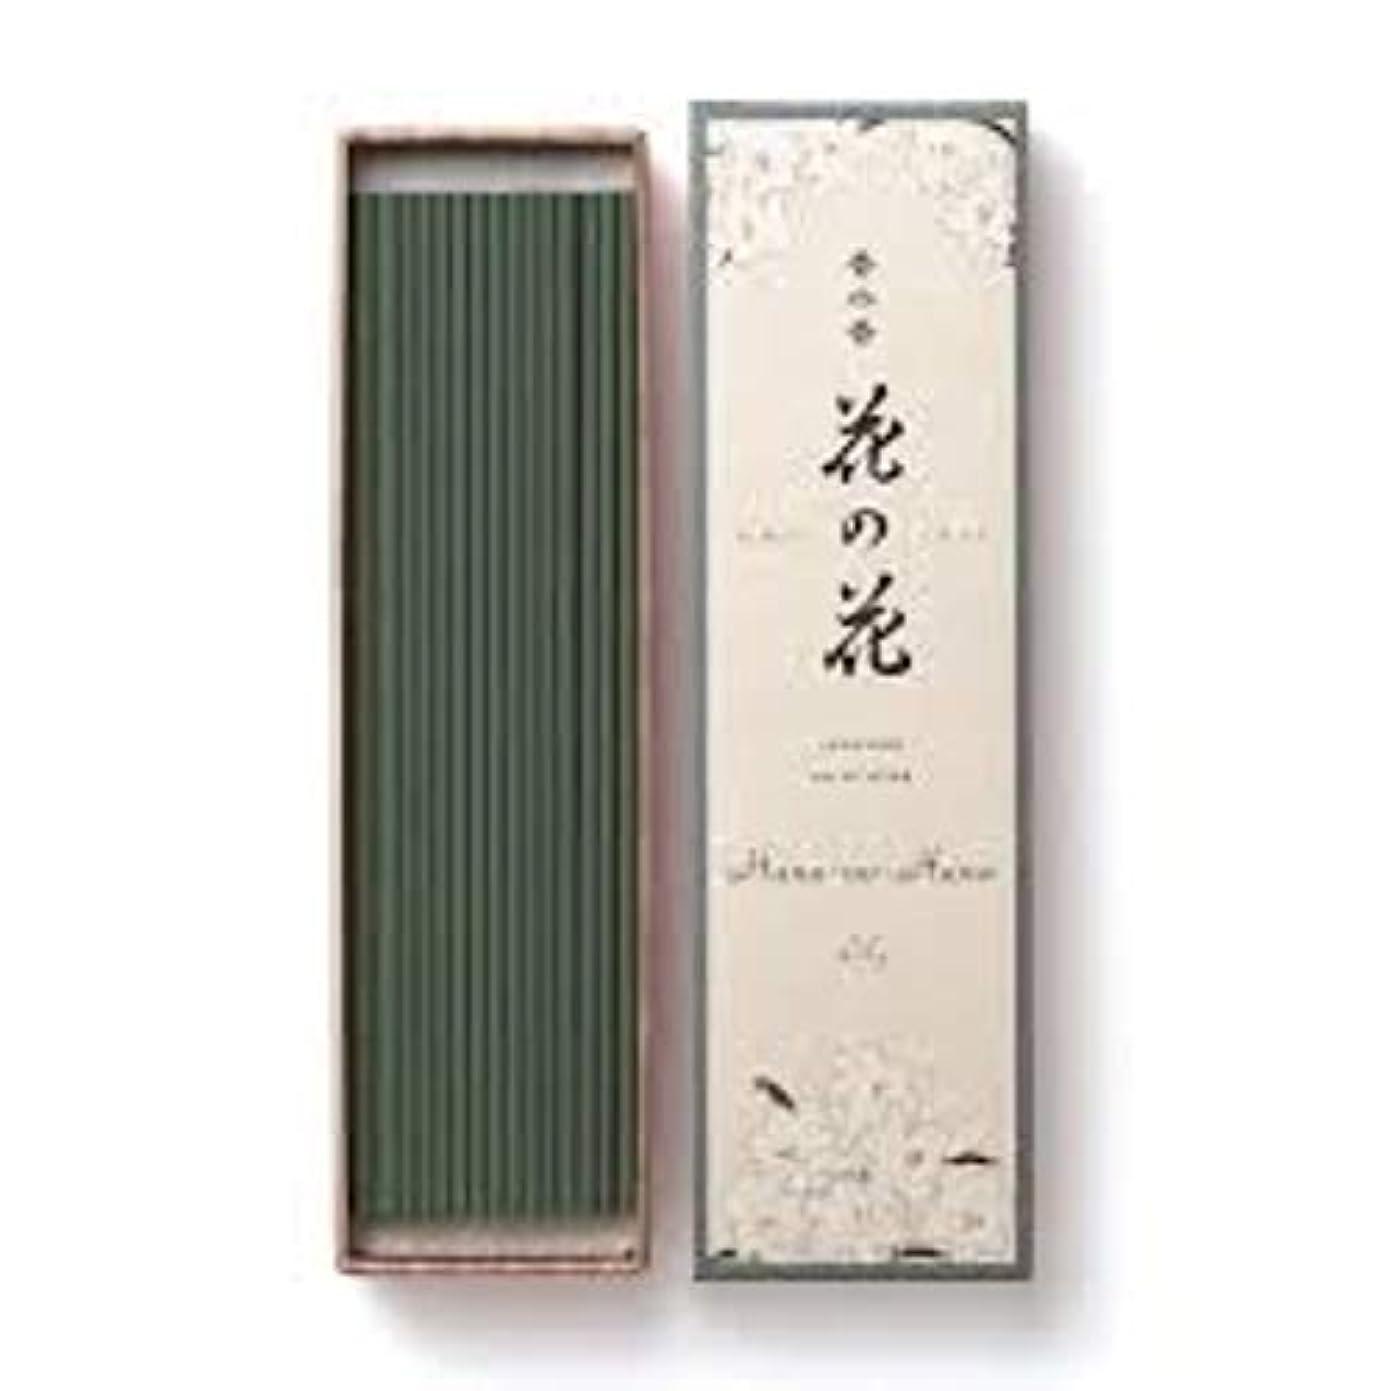 雄弁な束ねるどこお香 香水香花の花 ゆり 長寸40本入(30006)